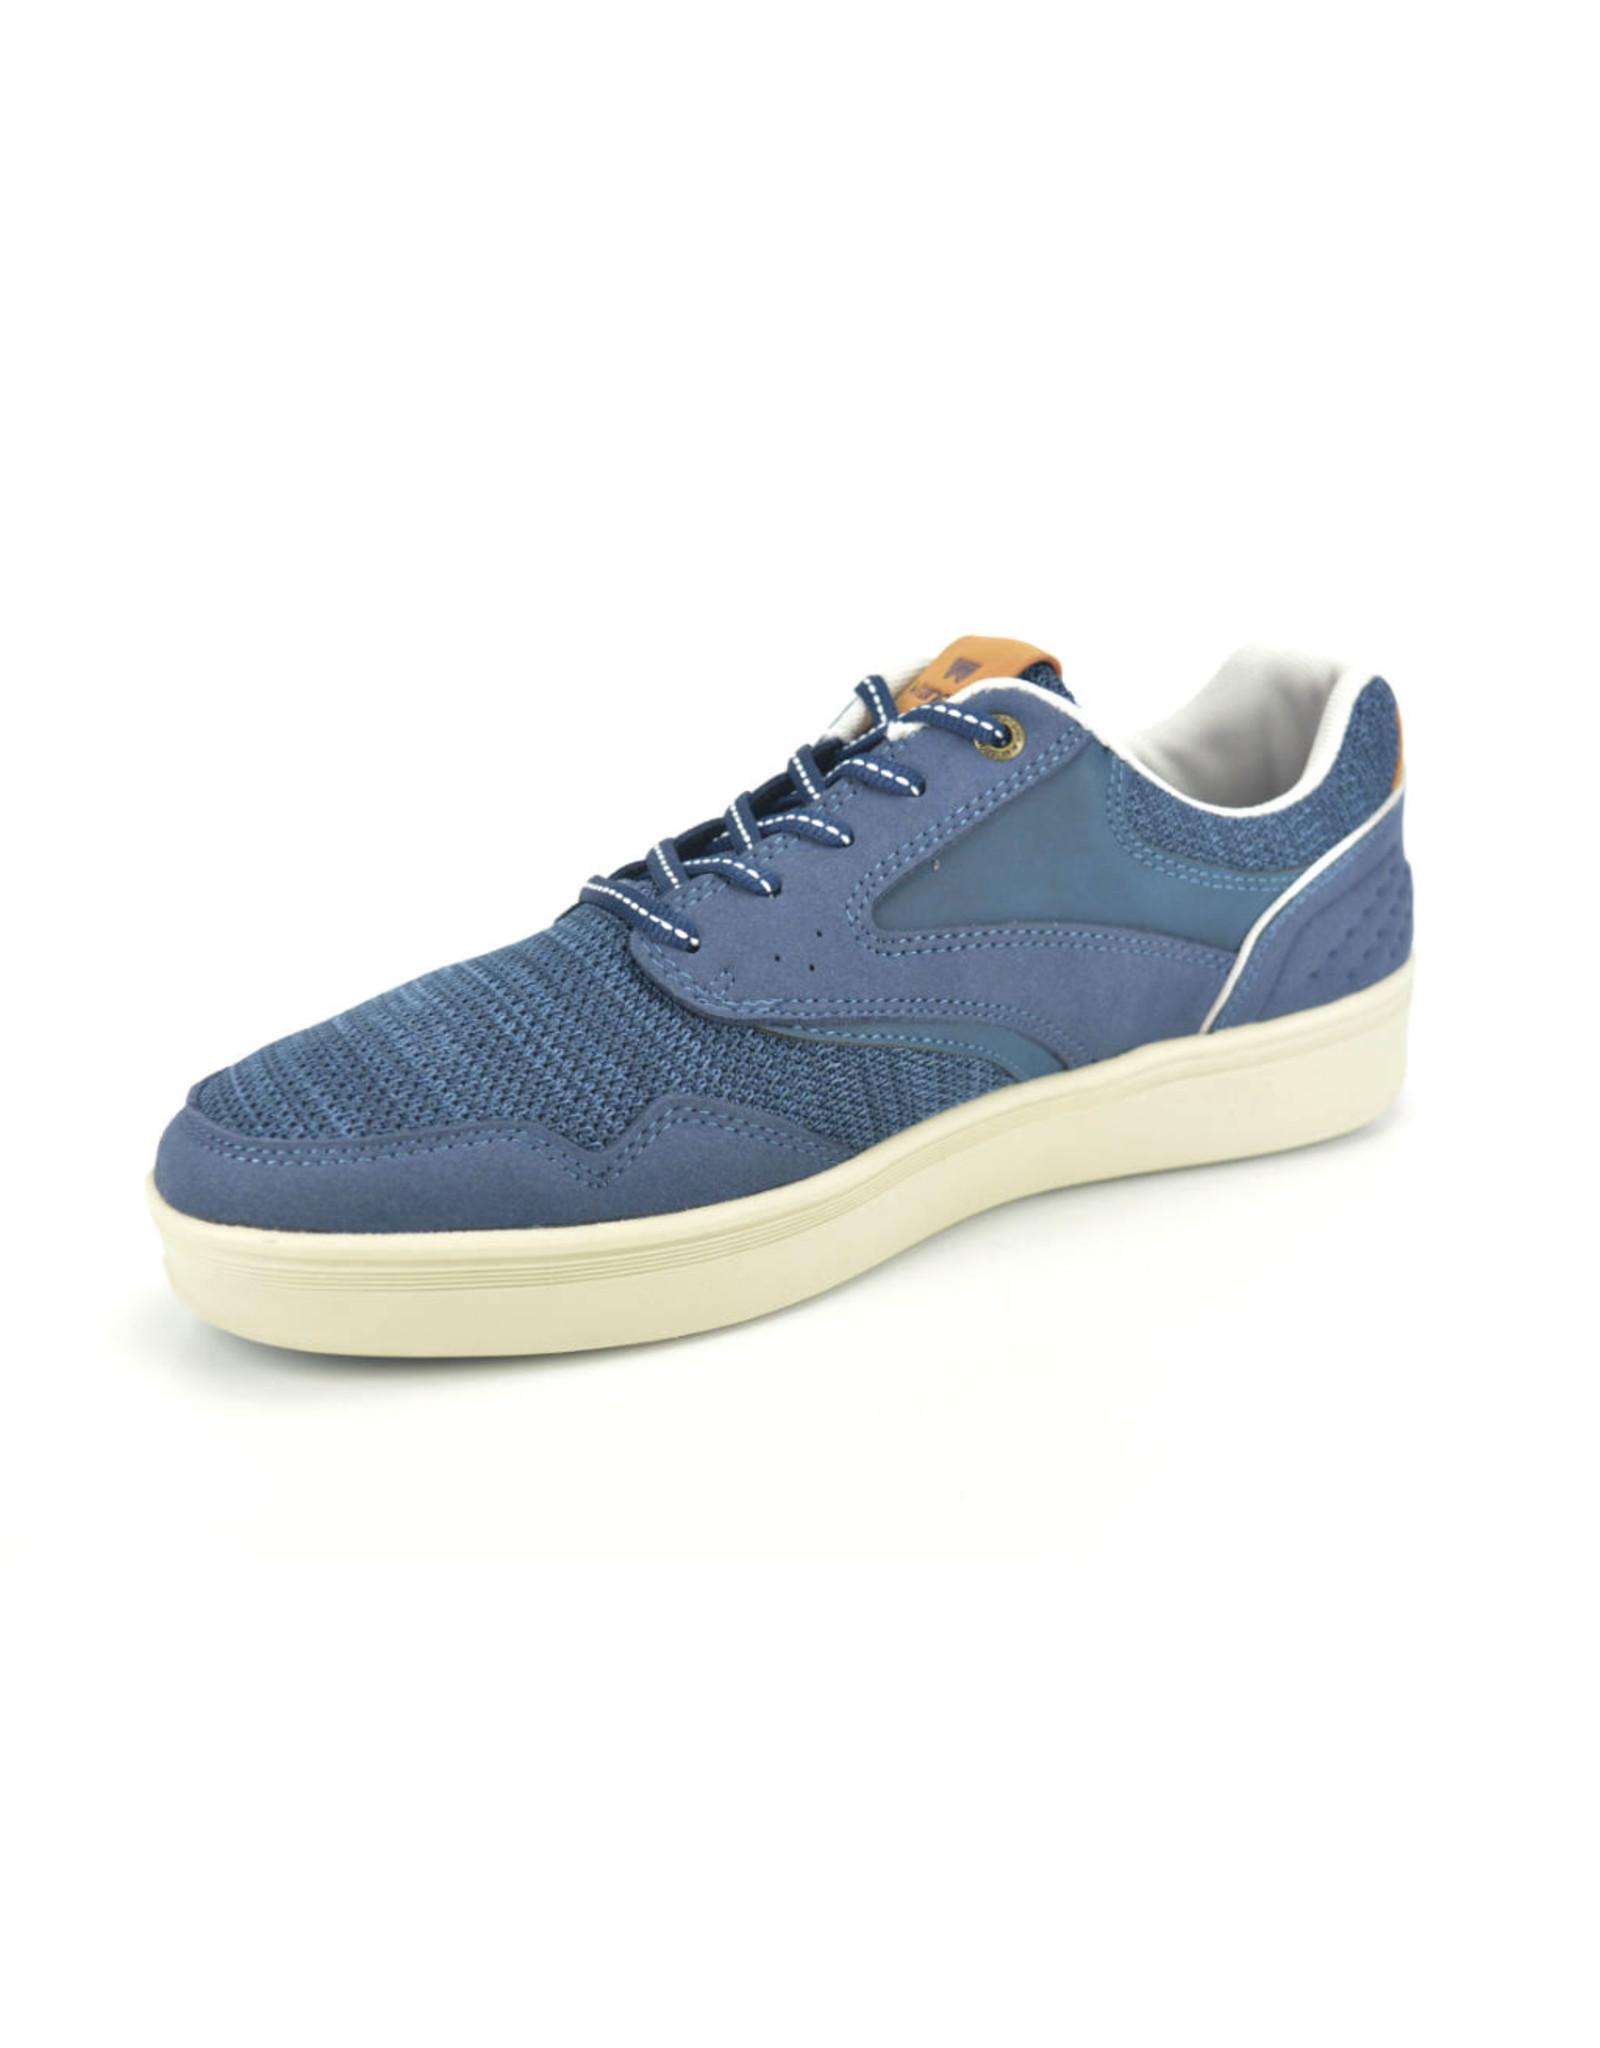 Wrangler 9691 blauw